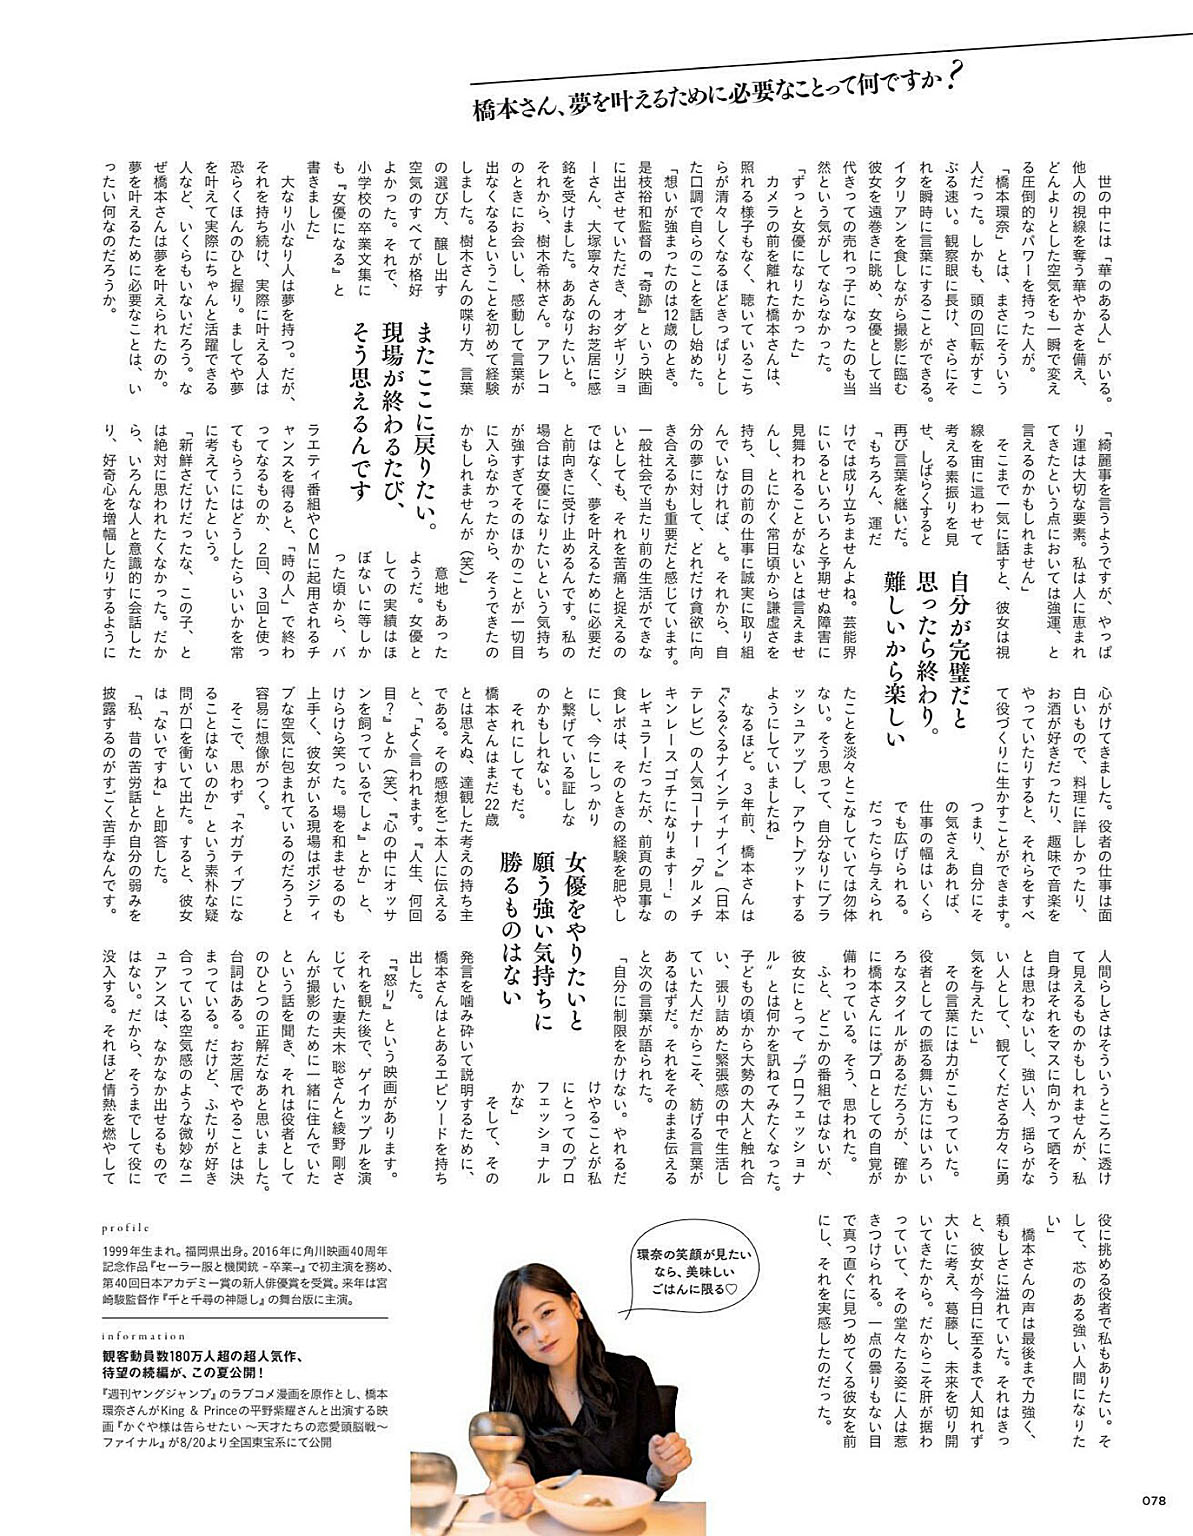 KHashimoto Tokyo Calendar 2109 05.jpg